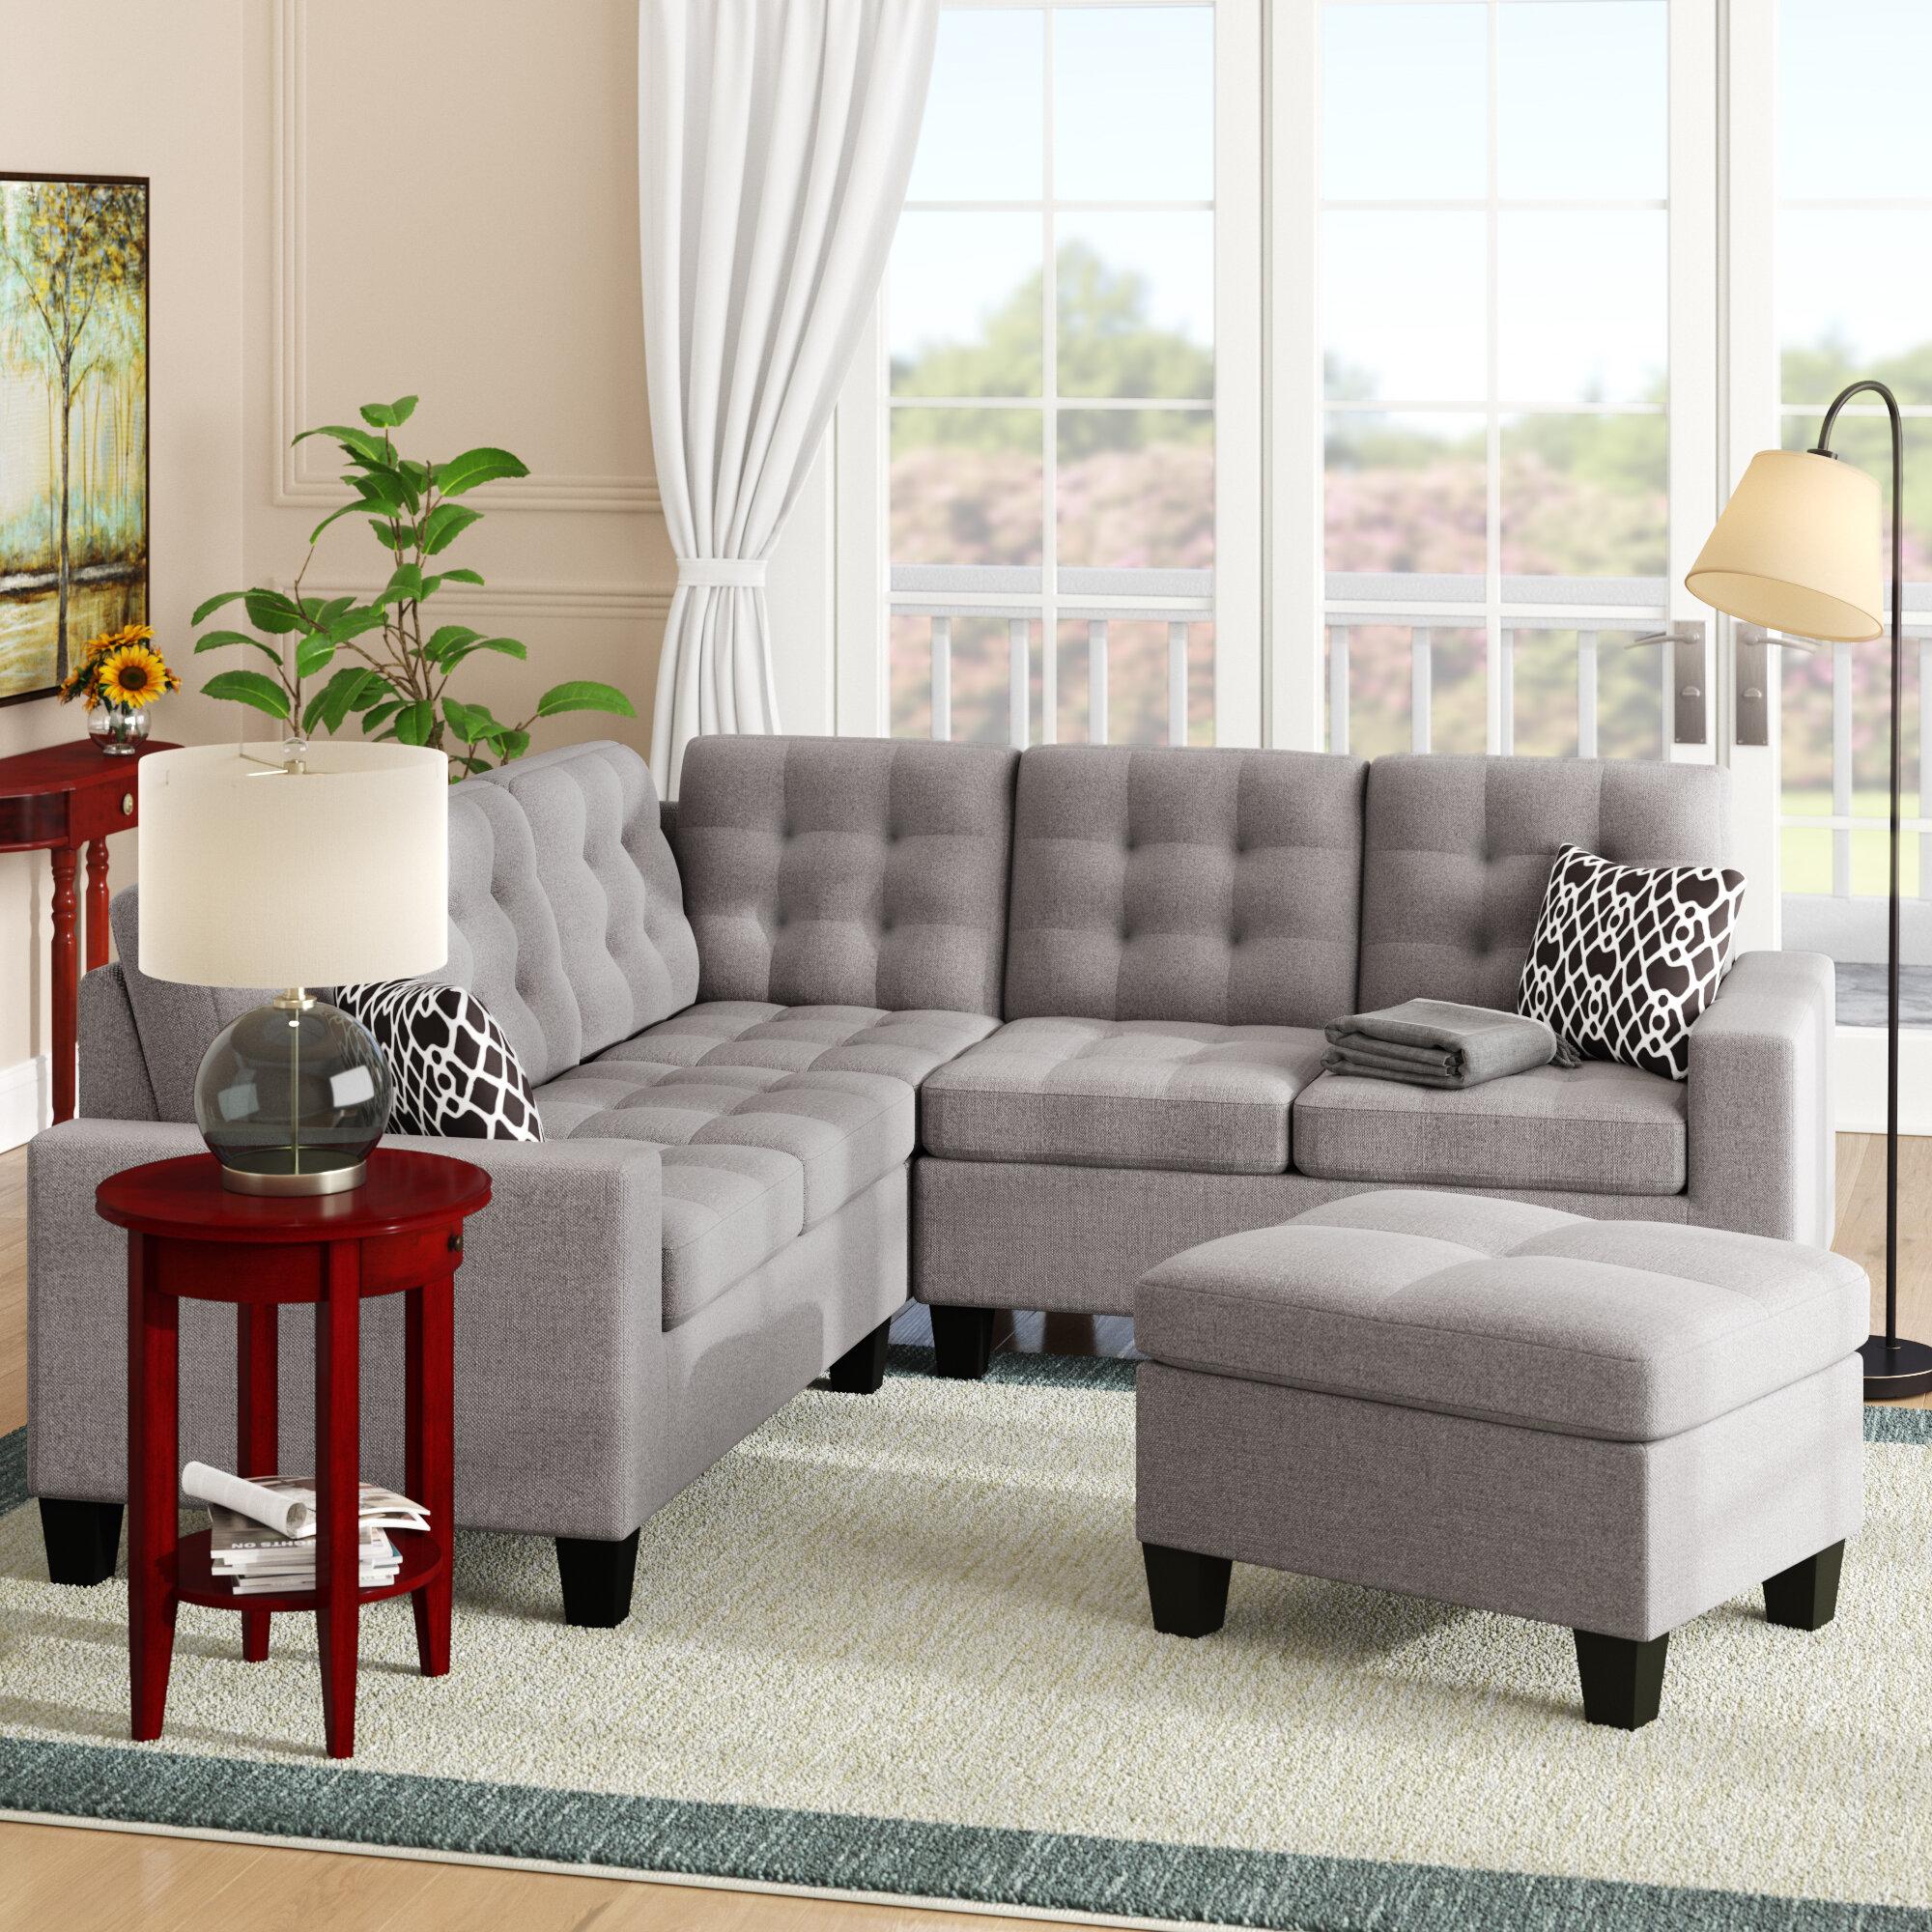 Ottoman For Living Room